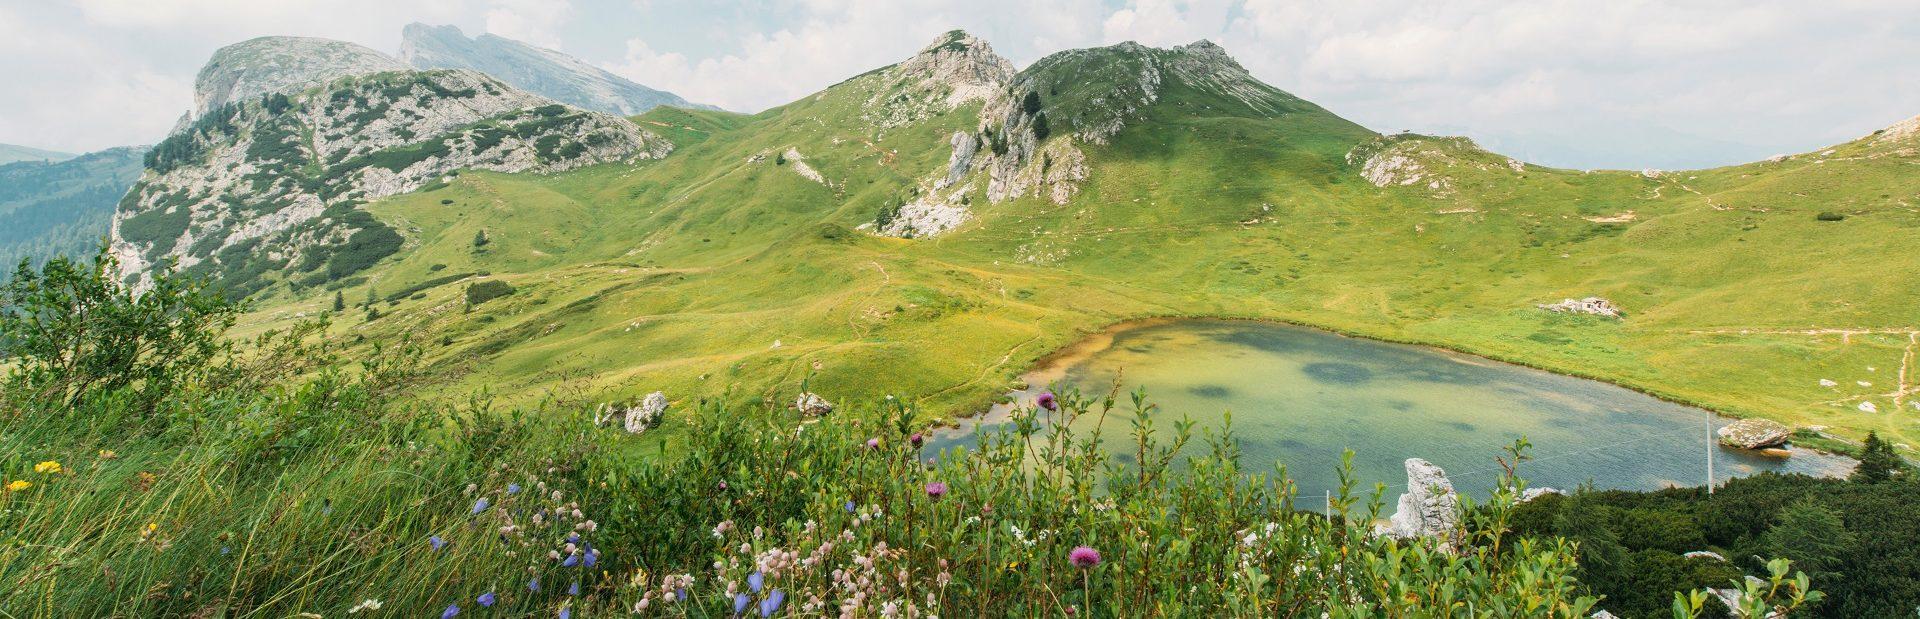 Gipfel und Bergsee in den Dolomiten © Pixabay/Free-Photos